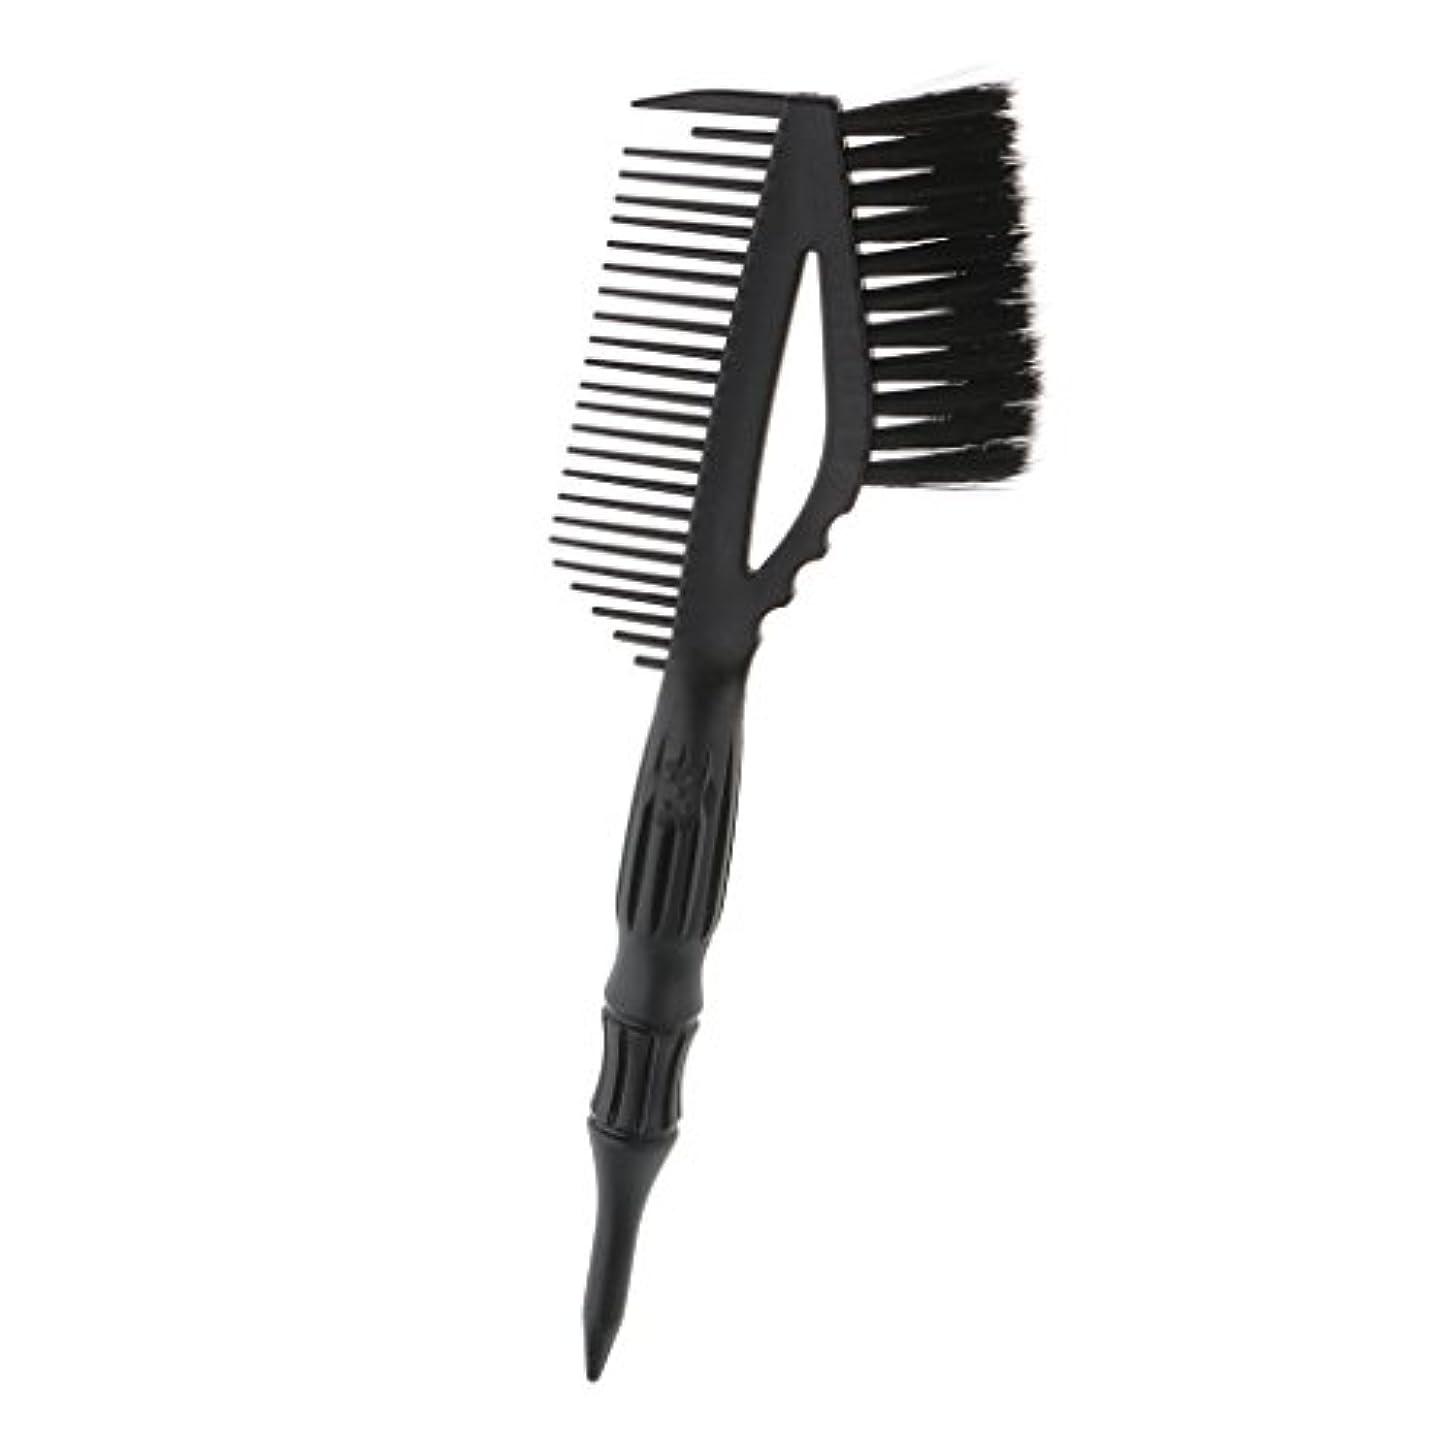 発火するピン歌手CUTICATE ヘア 染色 コーム ブラシ付き ヘアカラー 櫛 ヘアダイブラシ 静電気防止 高温耐性 全2色 - ブラック